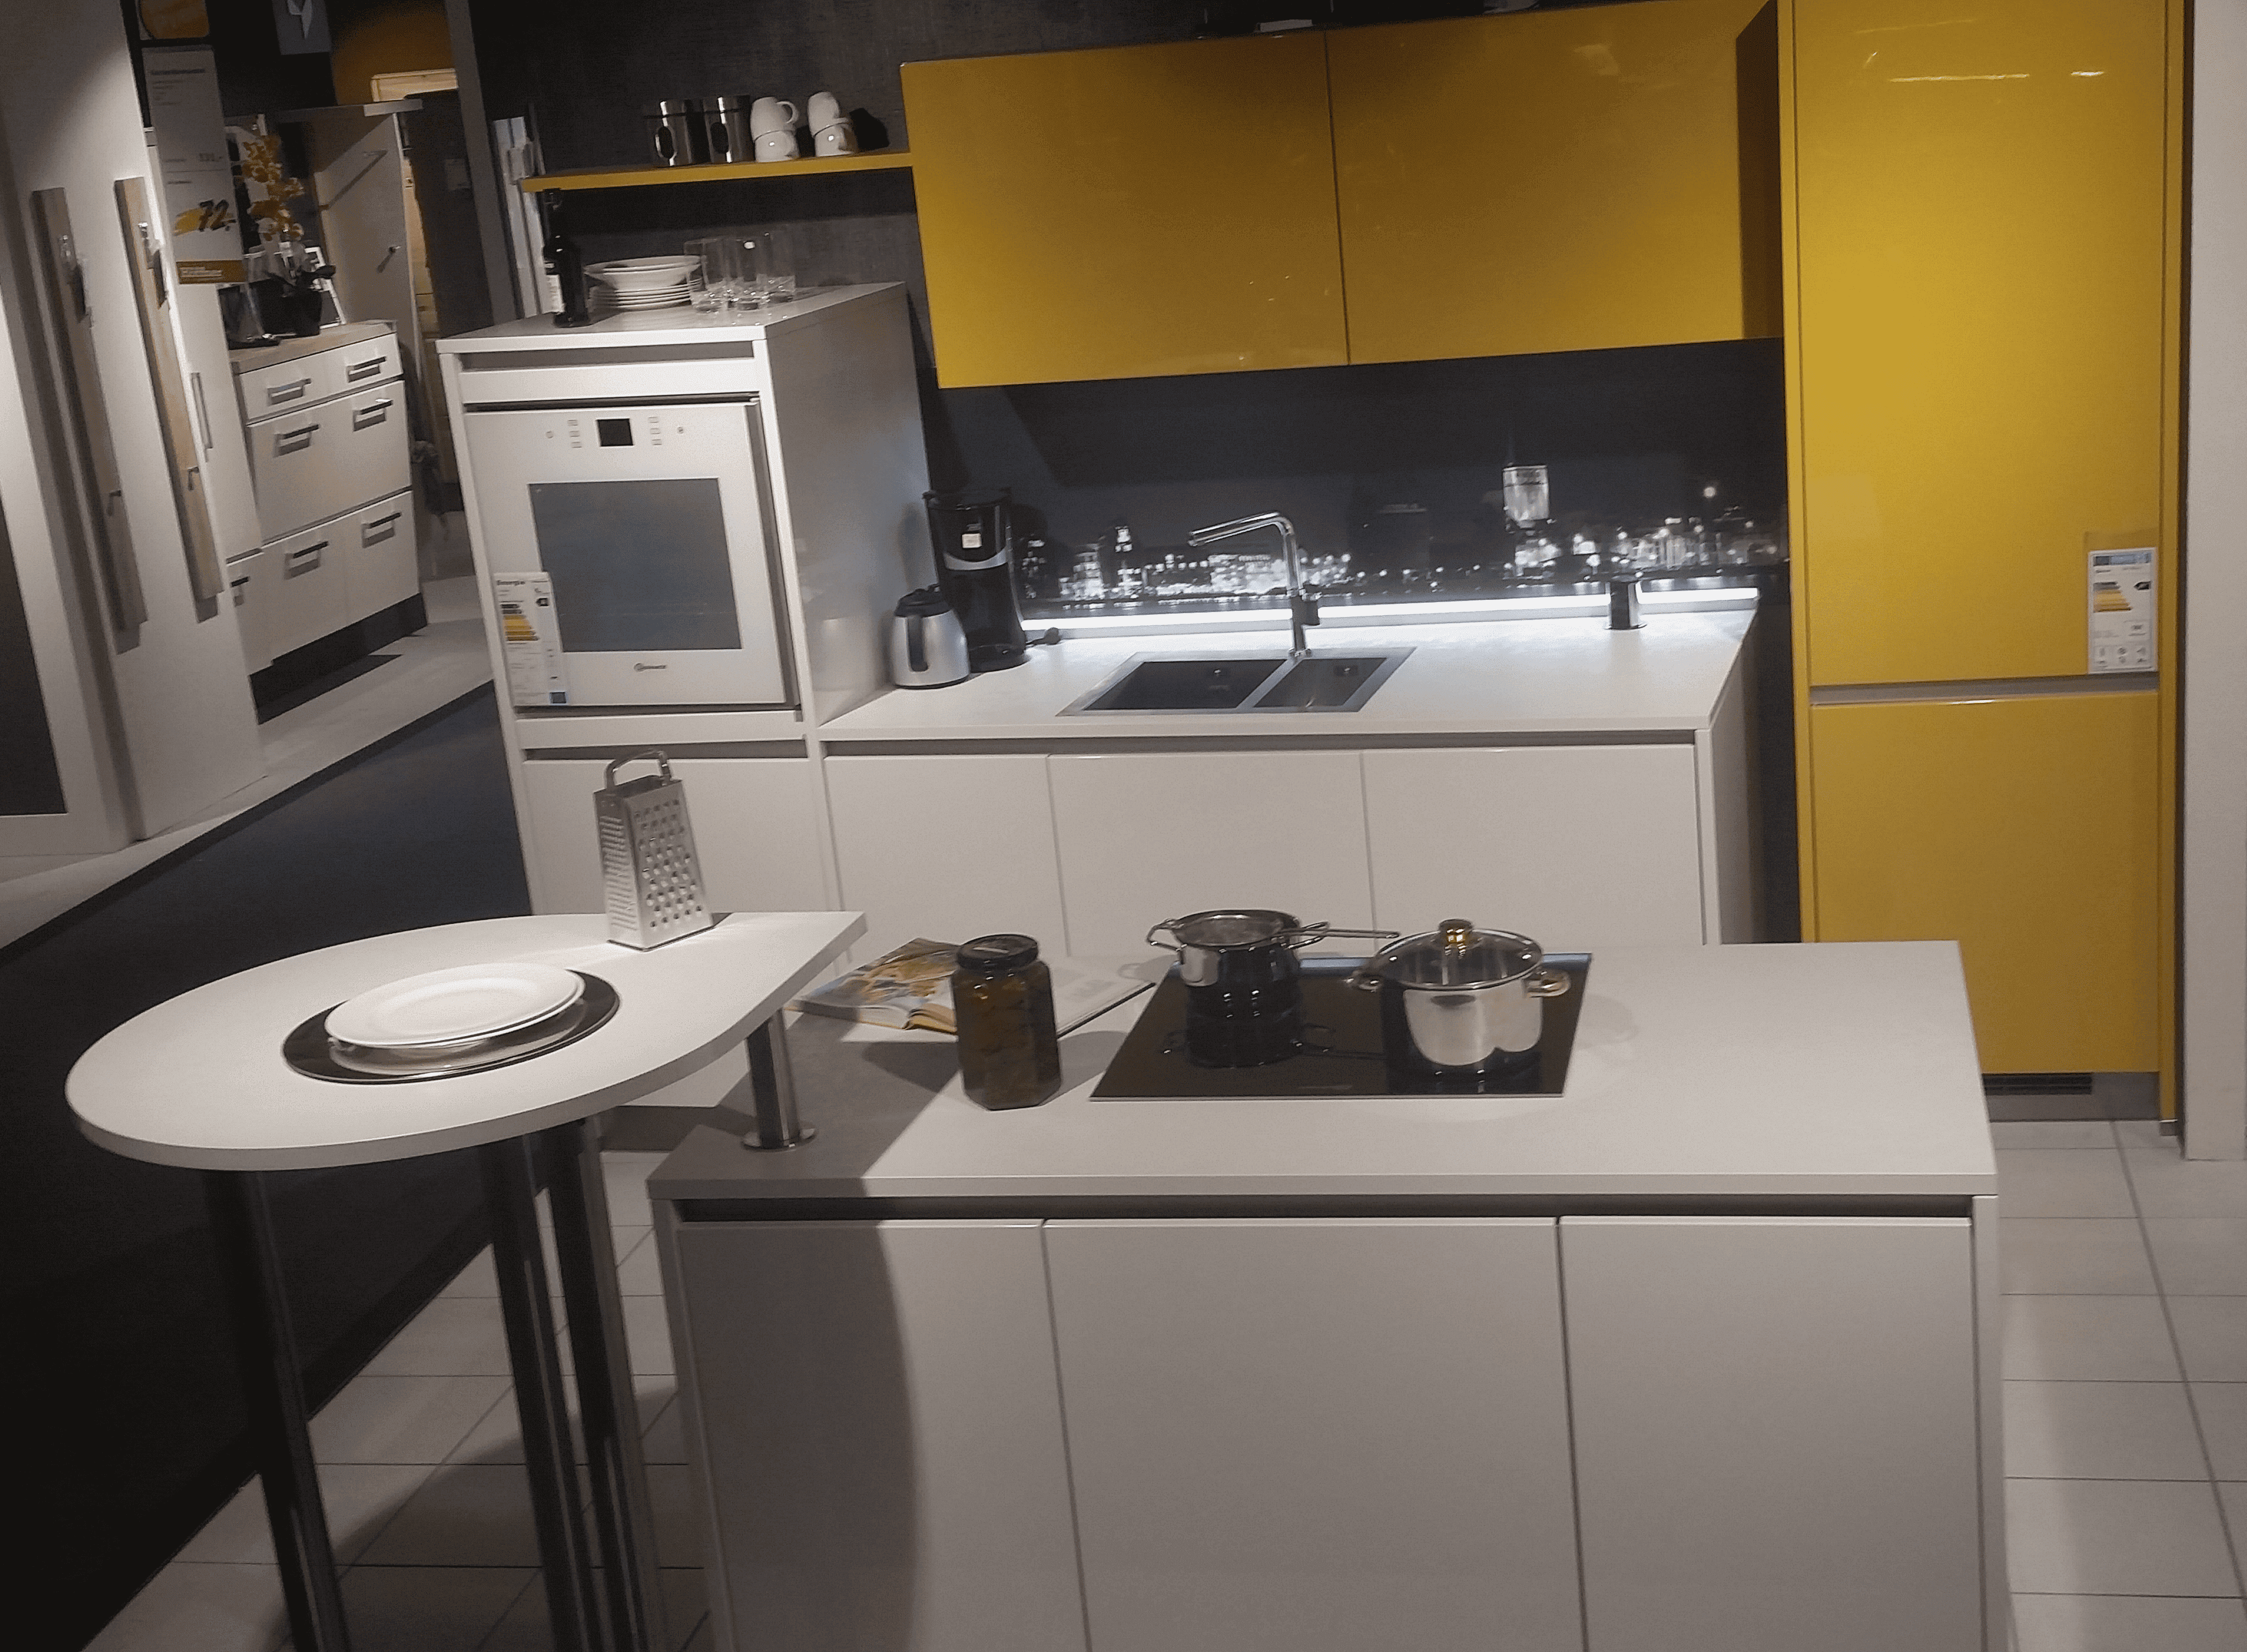 küche höffner | jtleigh.com - hausgestaltung ideen - Möbel Höffner Küchen